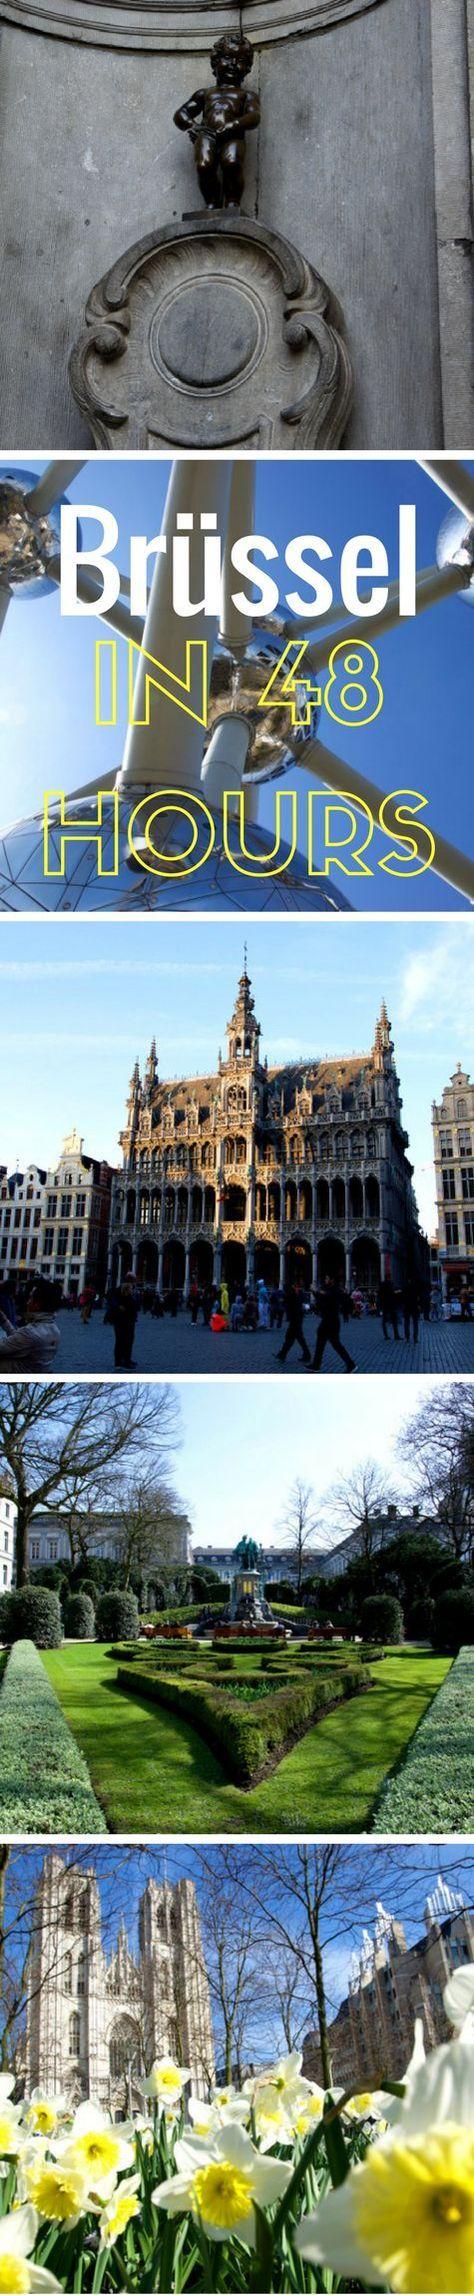 Du bist auch bald in der belgischen Hauptstadt unterwegs? Du planst deine Reise nach Brüssel? Ich zeige dir, was du in Brüssel sehen musst. Ganz oben steht für mich der Grand Place. Ein wunderschöner Platz, der das Herzstück von Brüssel bildet. Aber auch das Atomium oder der Manneken Pis gehören natürlich zum Pflichtprogramm für deinen Trip nach Brüssel. #bruessel #brüssel #belgien Was du sonst in Brüssel in nur 48 Stunden erleben kannst, zeige ich dir jetzt…